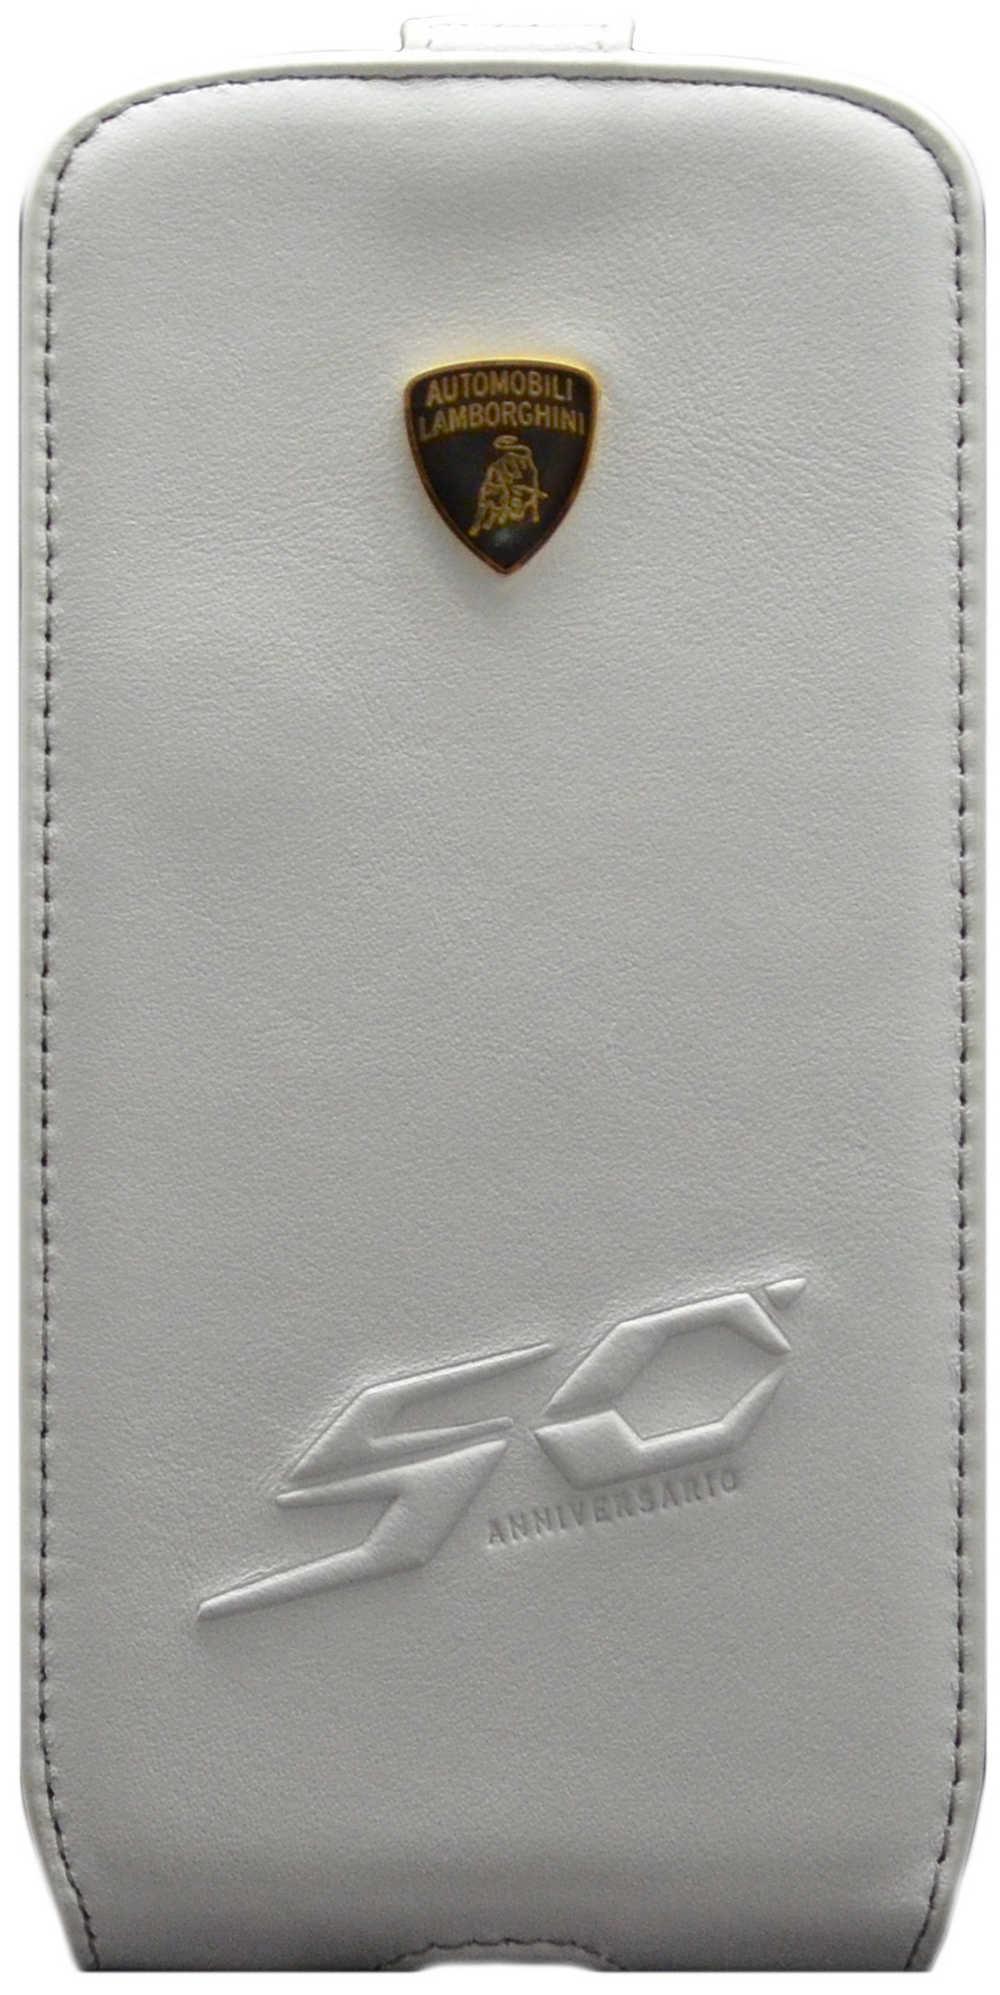 Θήκη Flip Δέρμα Lamborghini για Samsung i9505/i9500 Galaxy S4 50th Anniversary Λευκή